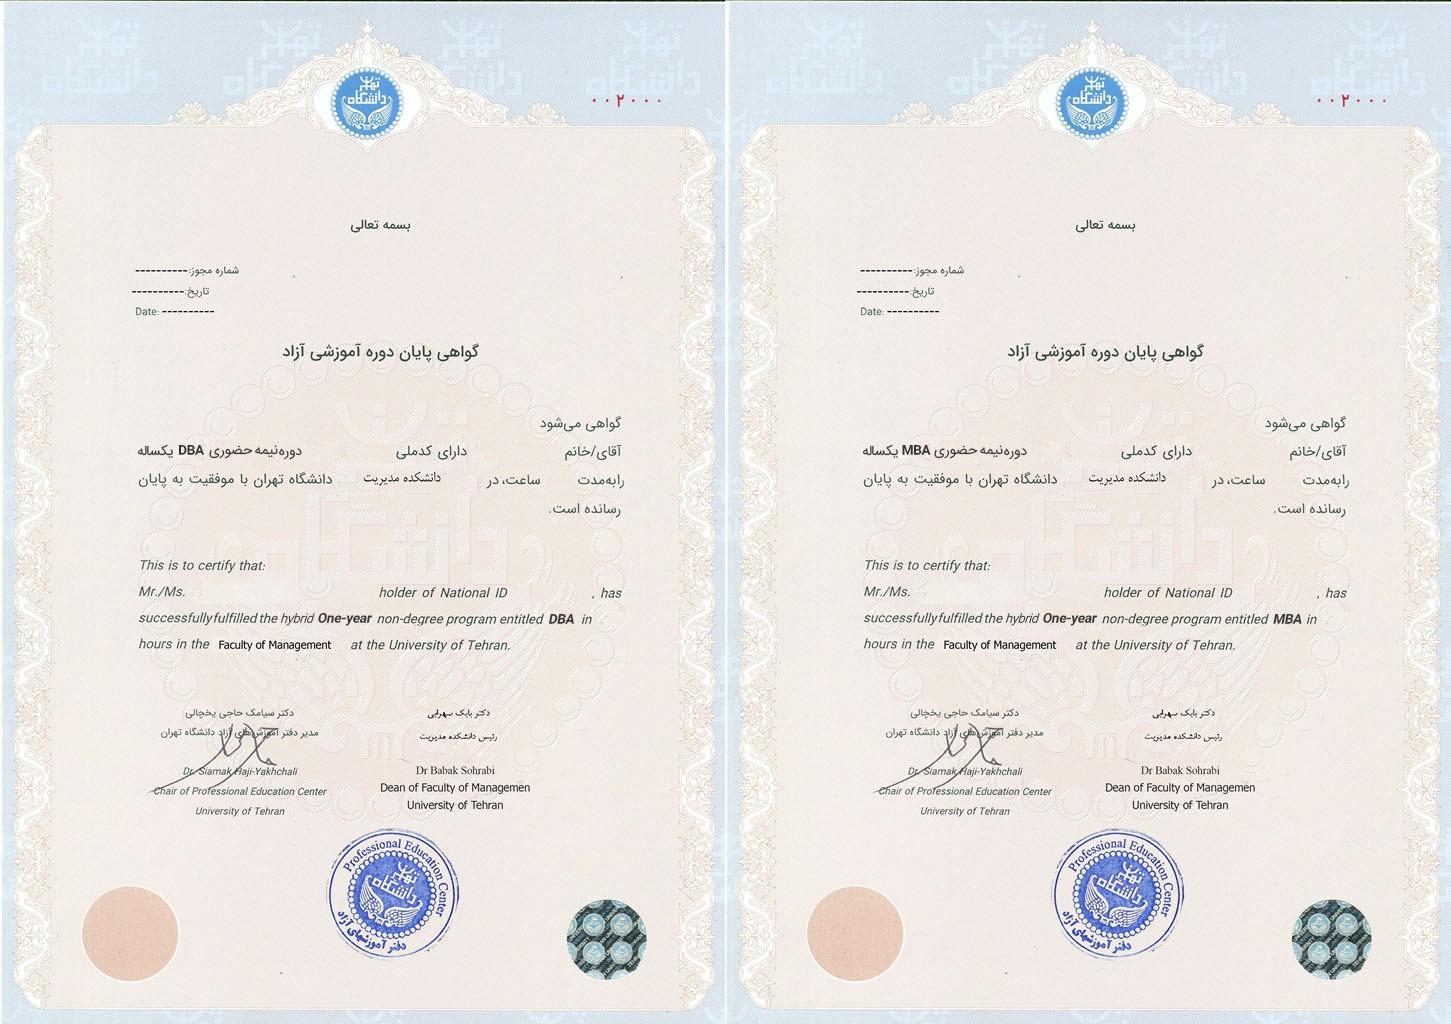 ثبتنام MBA و DBA در دانشگاه تهران